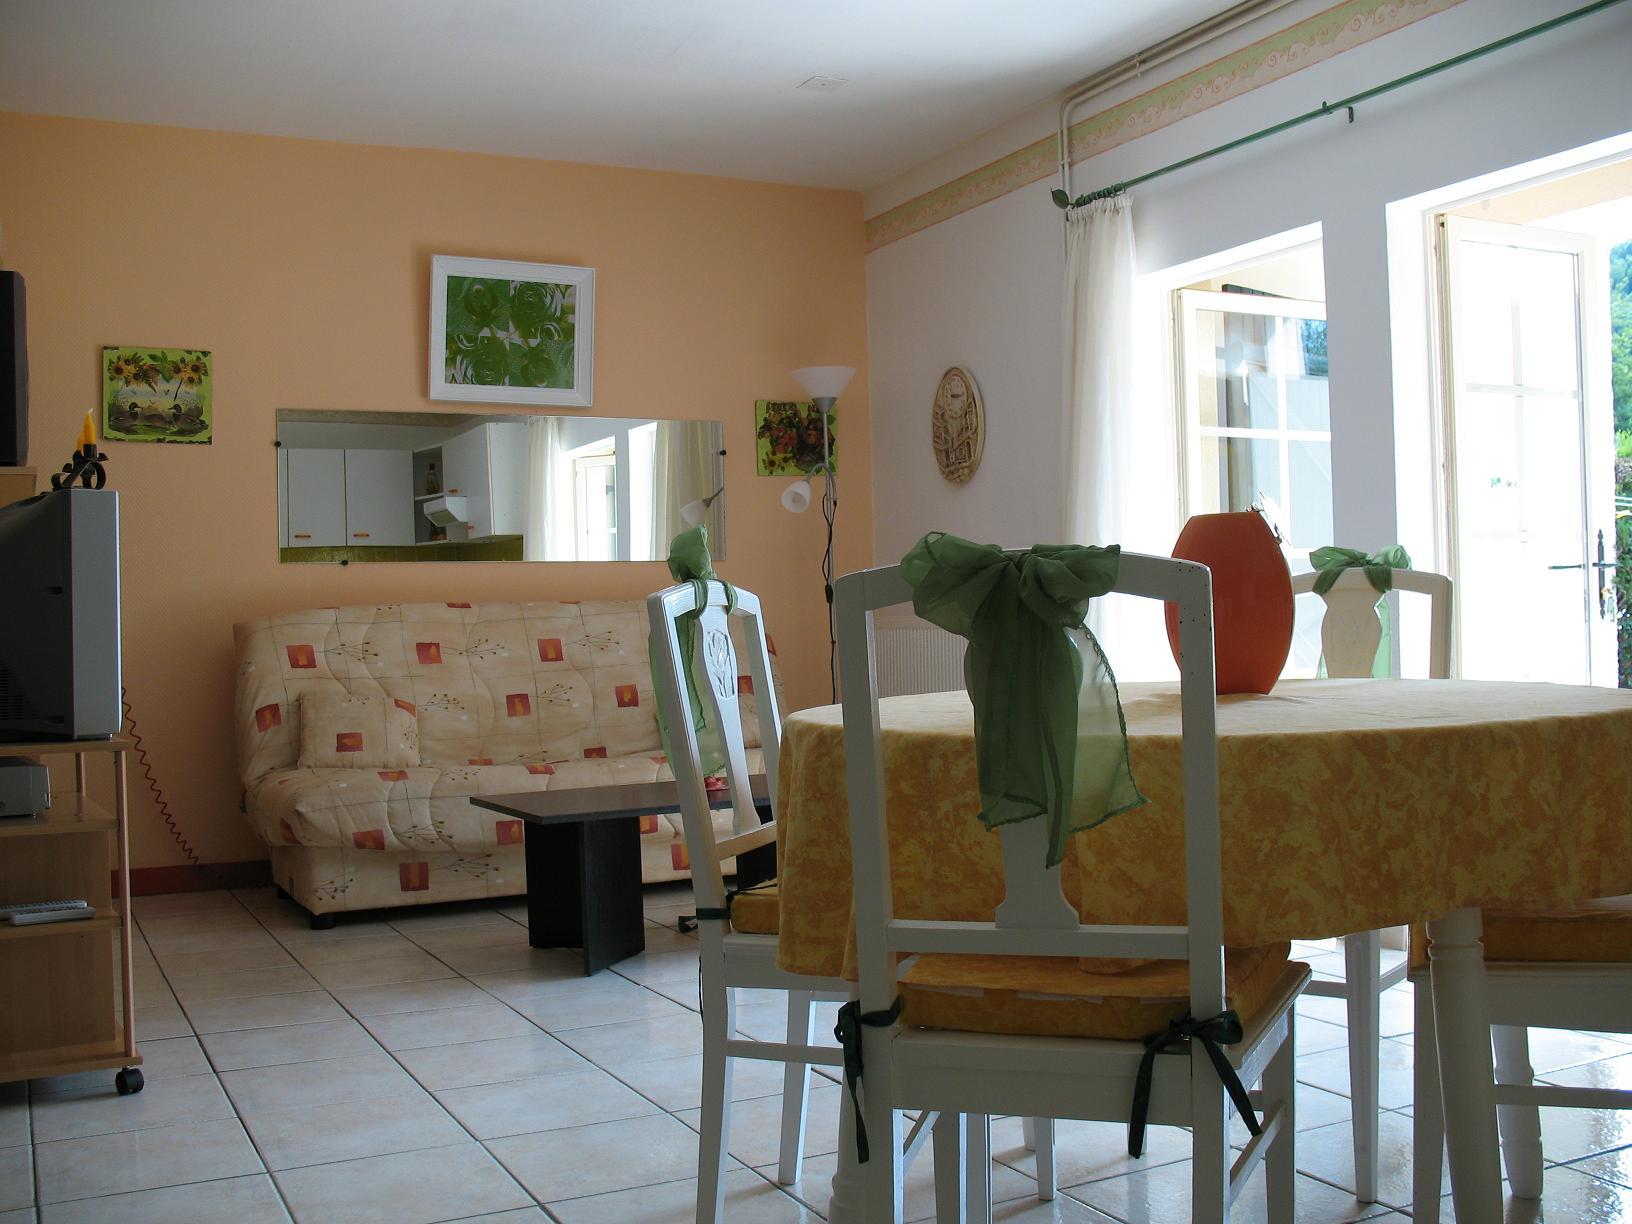 grand appartement annexe pour recevoir ou mettre en location. Black Bedroom Furniture Sets. Home Design Ideas